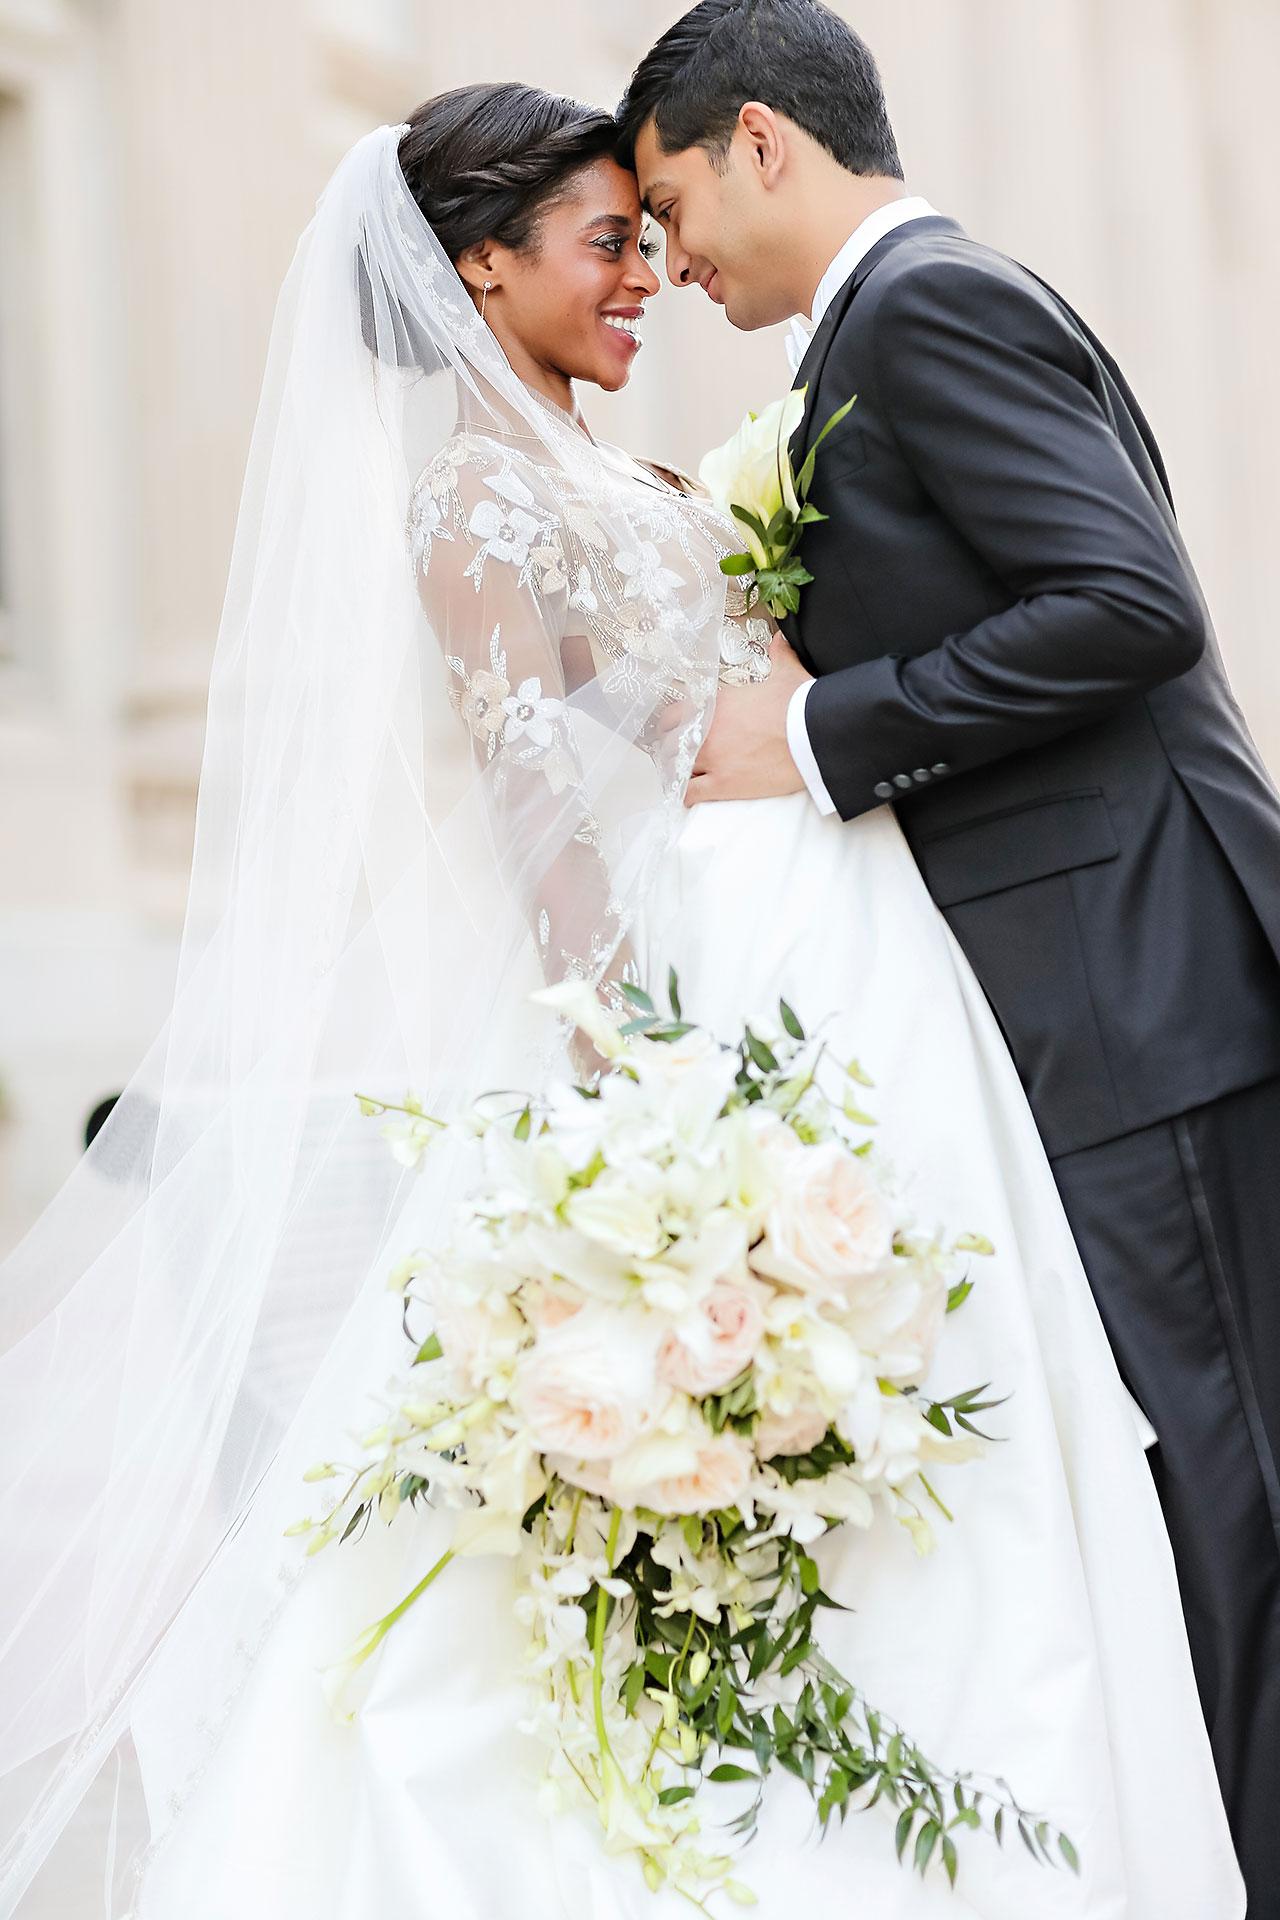 Joie Nikhil Indianapolis Christian Wedding 142